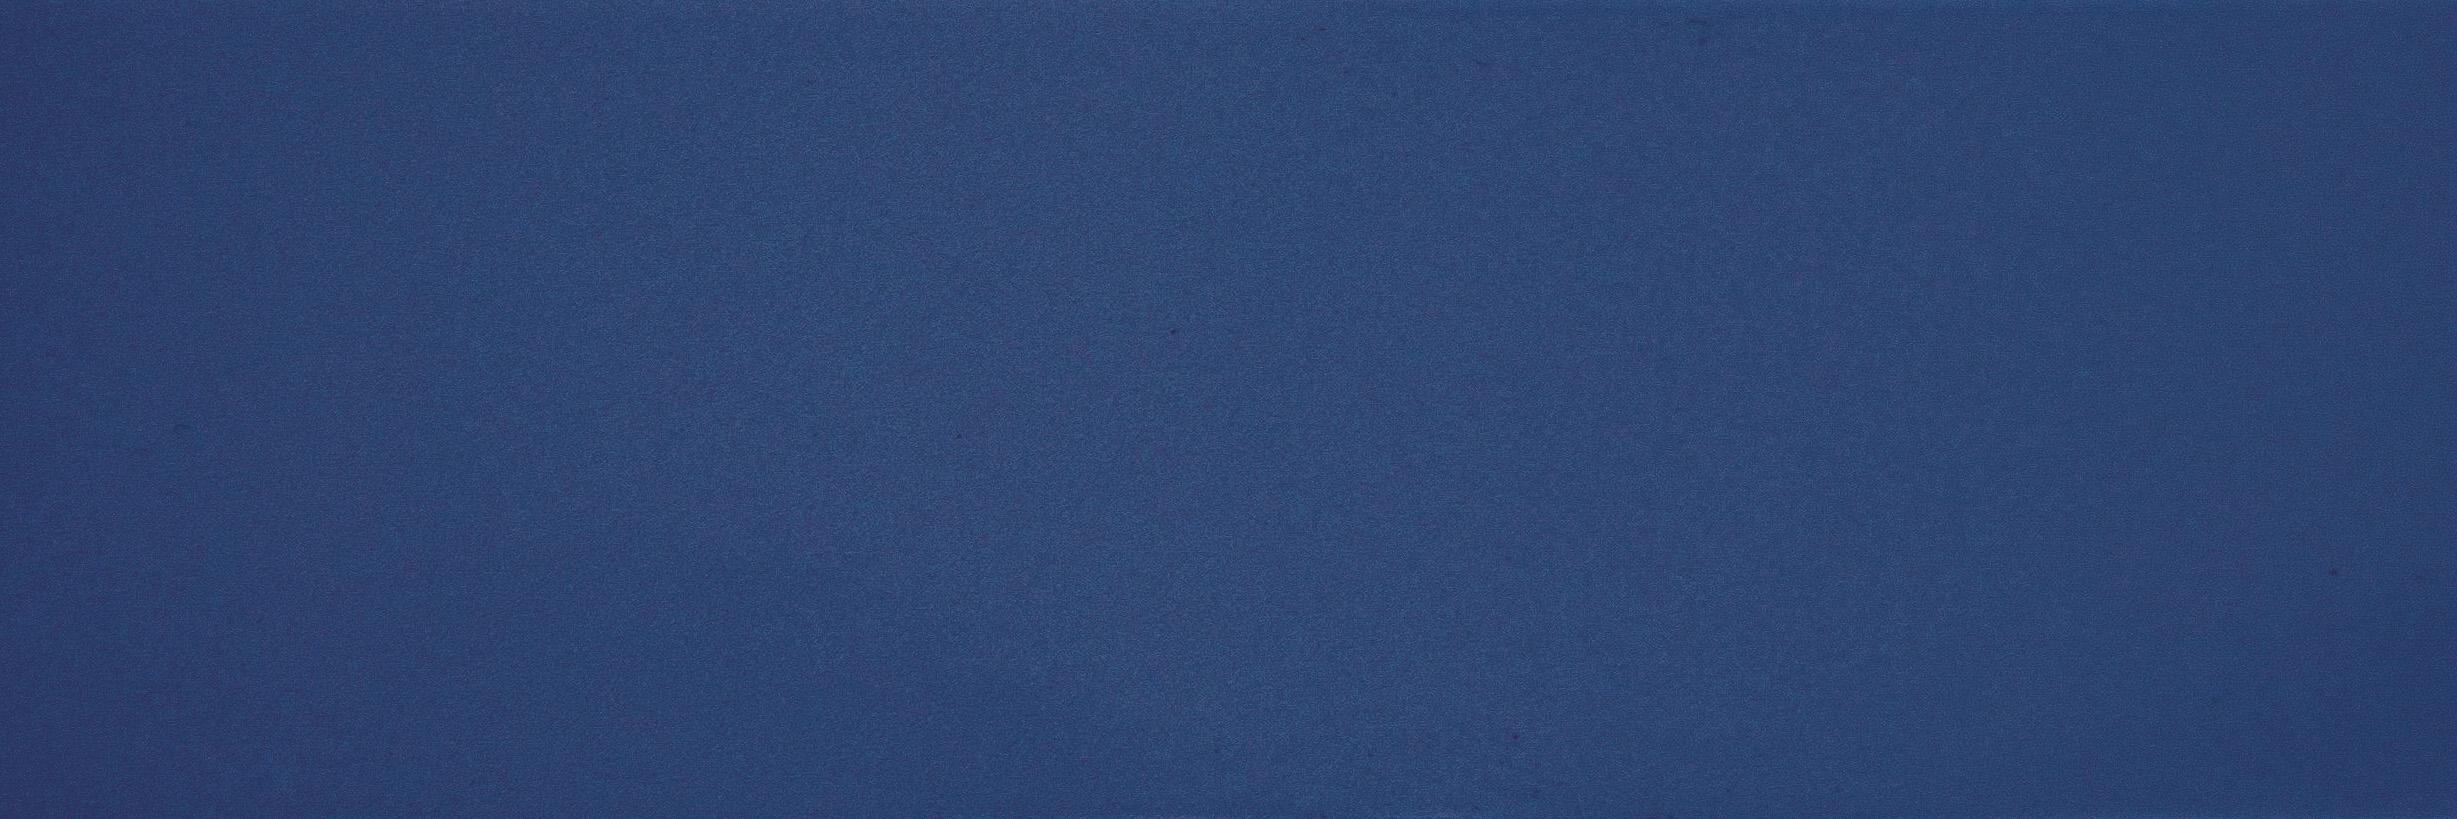 Benita Bleu Br · 10x30